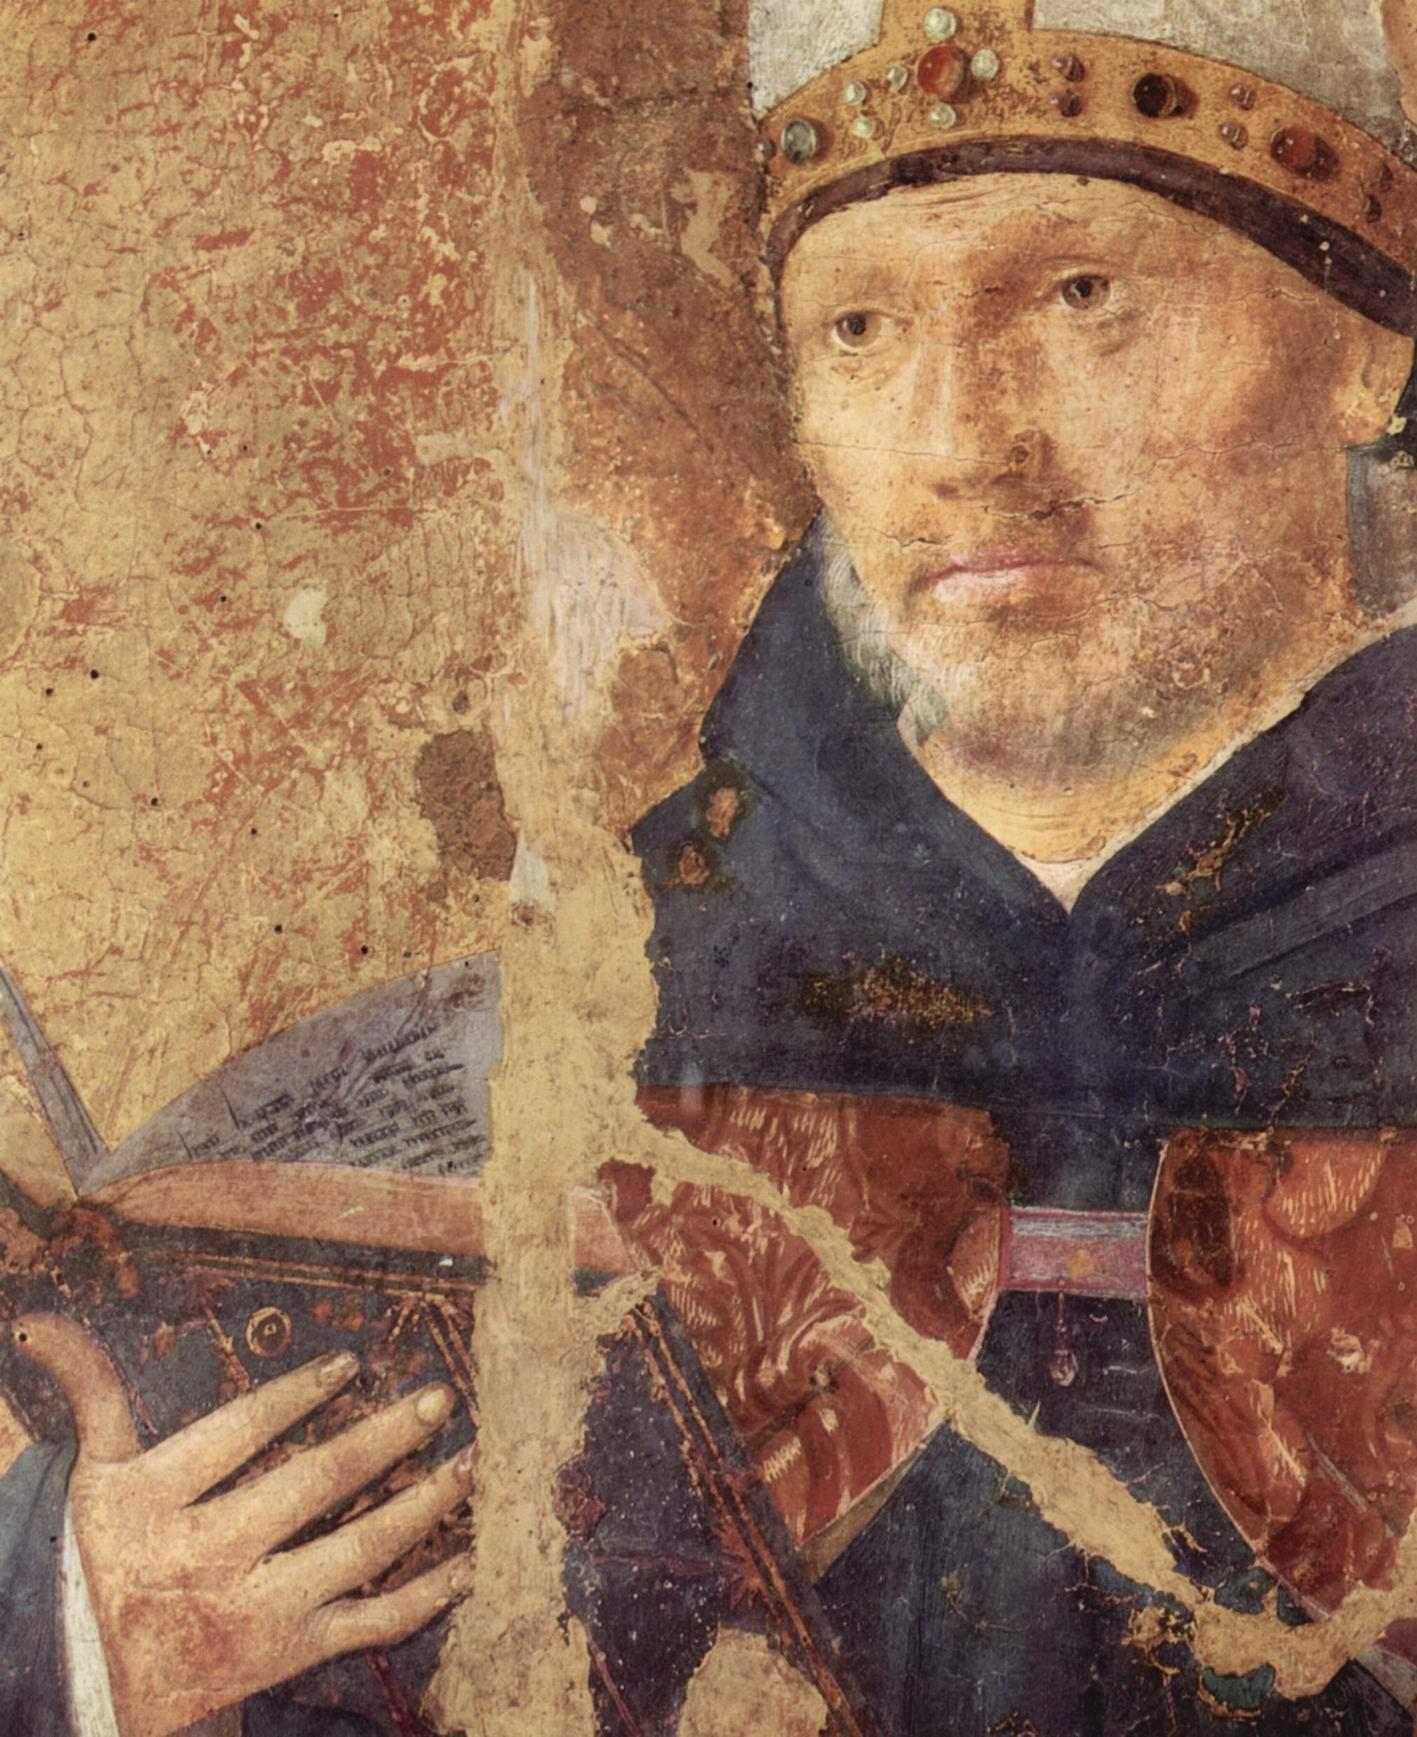 Полиптих св. Григория, правая доска, св. Бенедикт. Деталь, Антонелло да Мессина